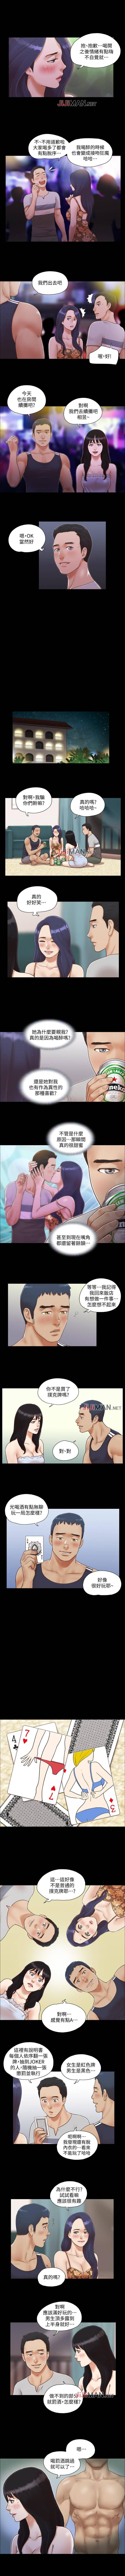 【周五连载】协议换爱(作者:遠德) 第1~62话 15